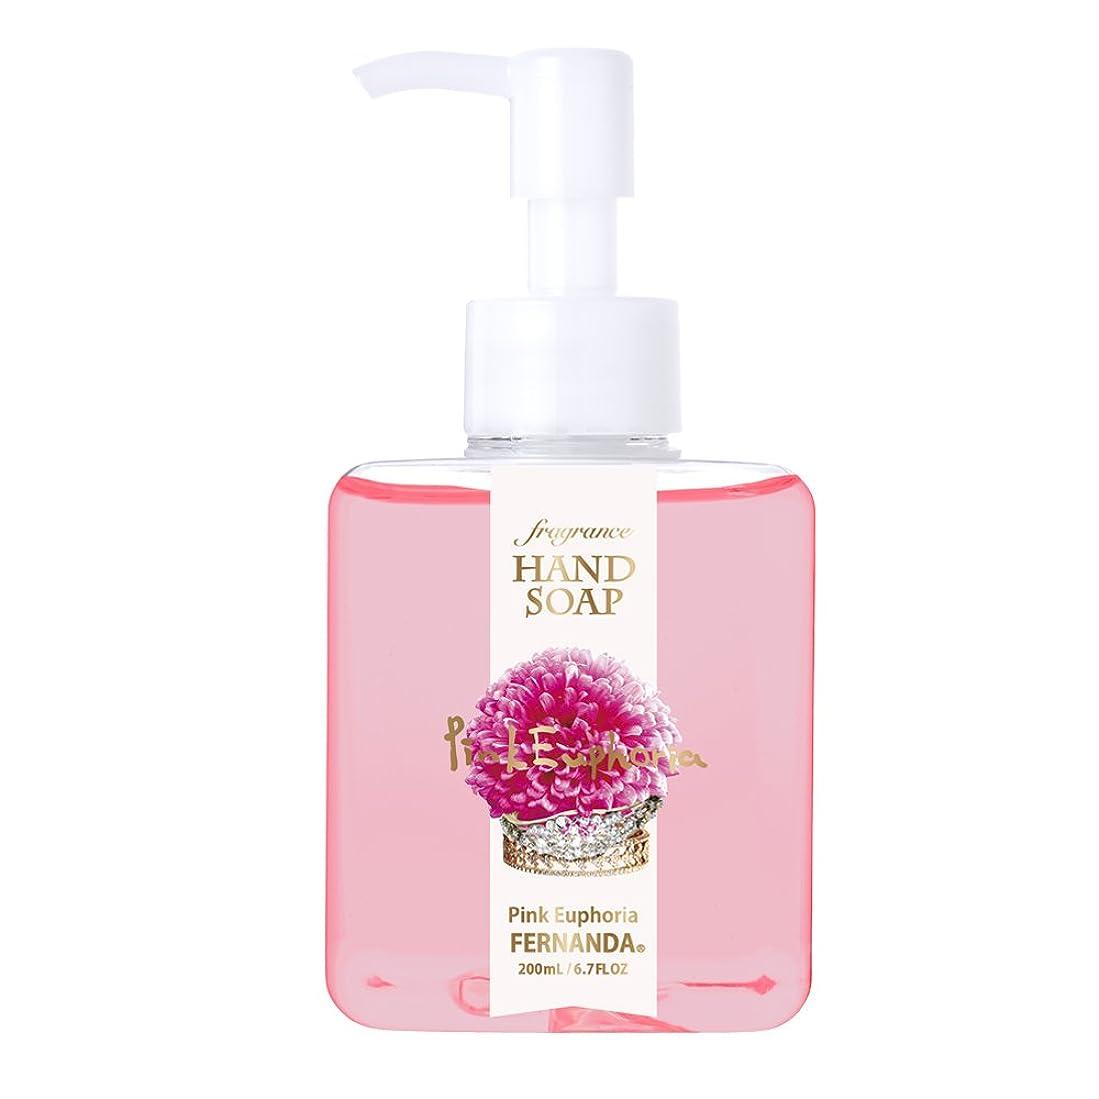 発掘高いフロントFERNANDA(フェルナンダ) Fragrance Hand Soap Pink Euphoria (ハンドソープ ピンクエウフォリア)